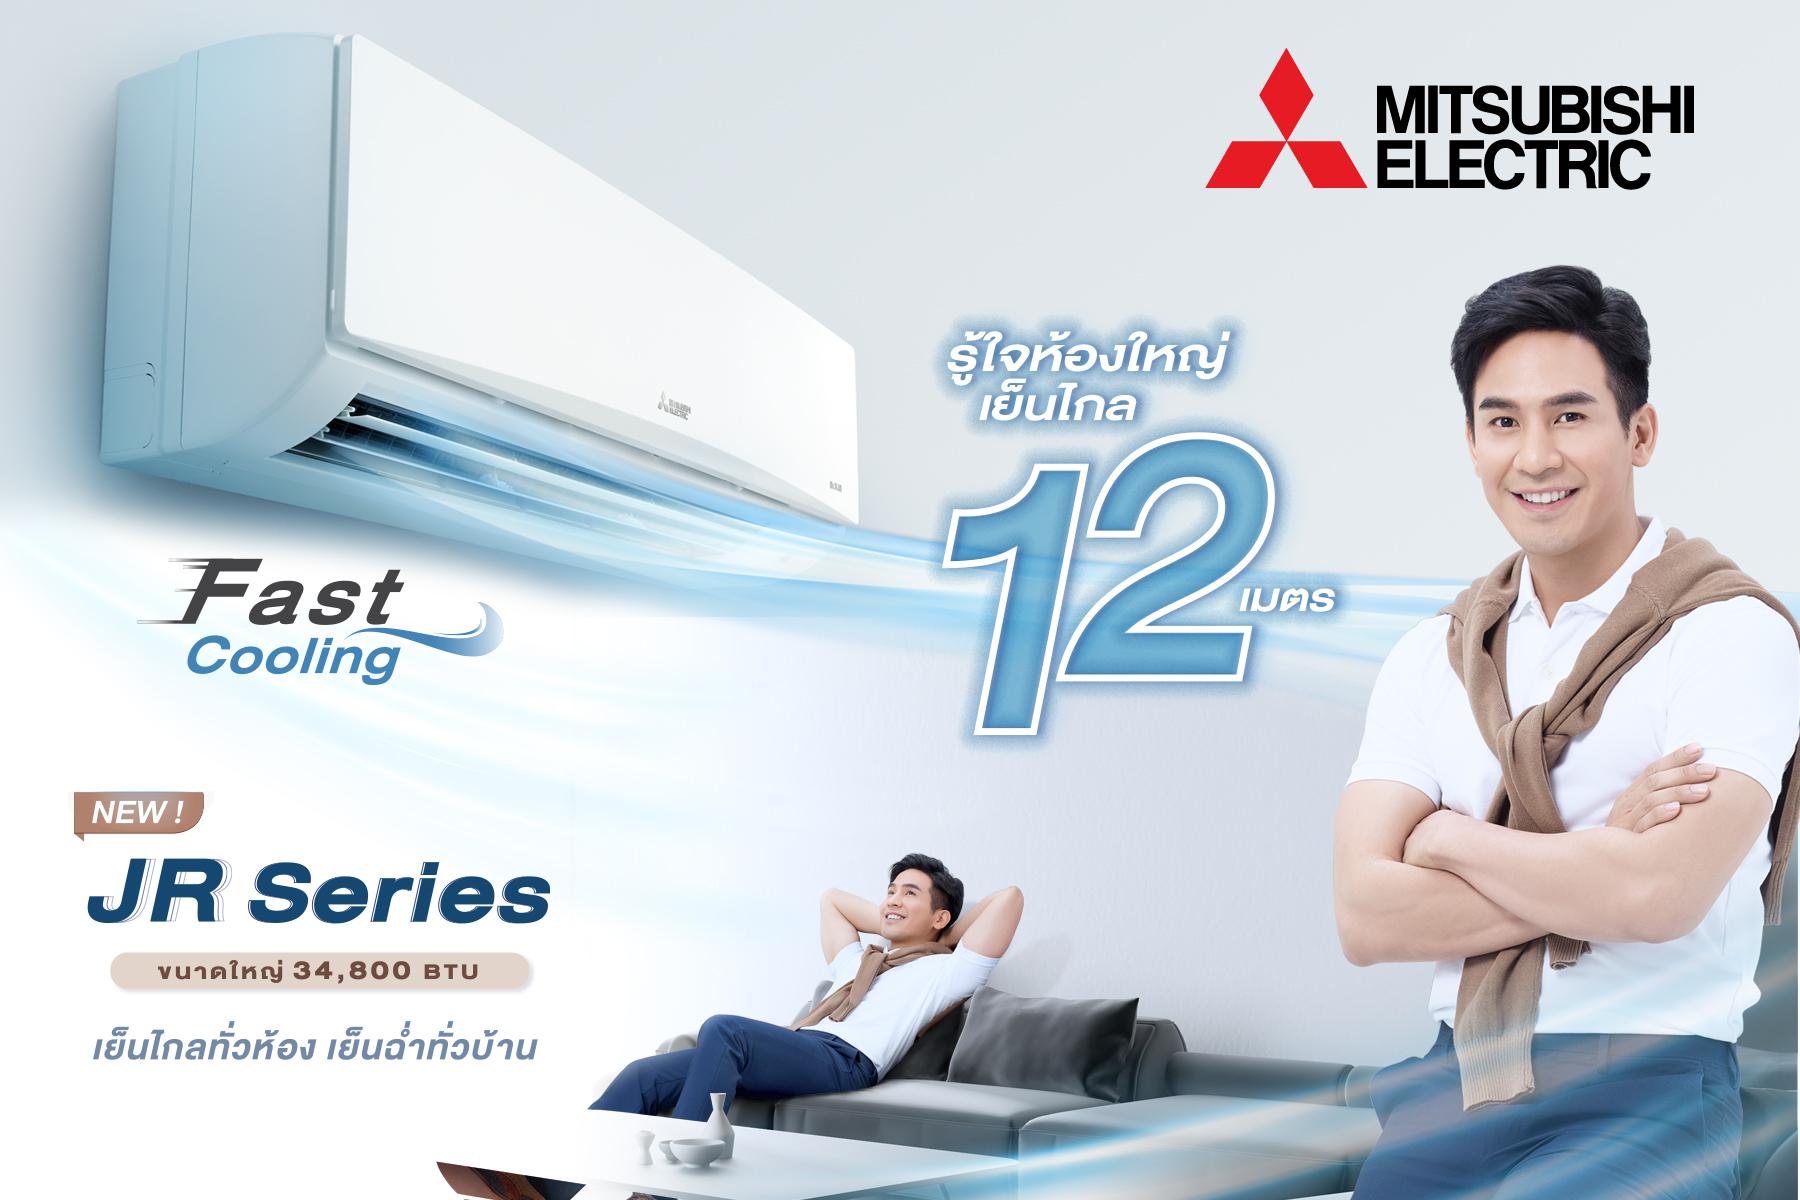 มิตซูบิชิ อีเล็คทริค มิสเตอร์สลิม JR Series เย็นฉ่ำถึงใจ เย็นไกลทั่วบ้าน